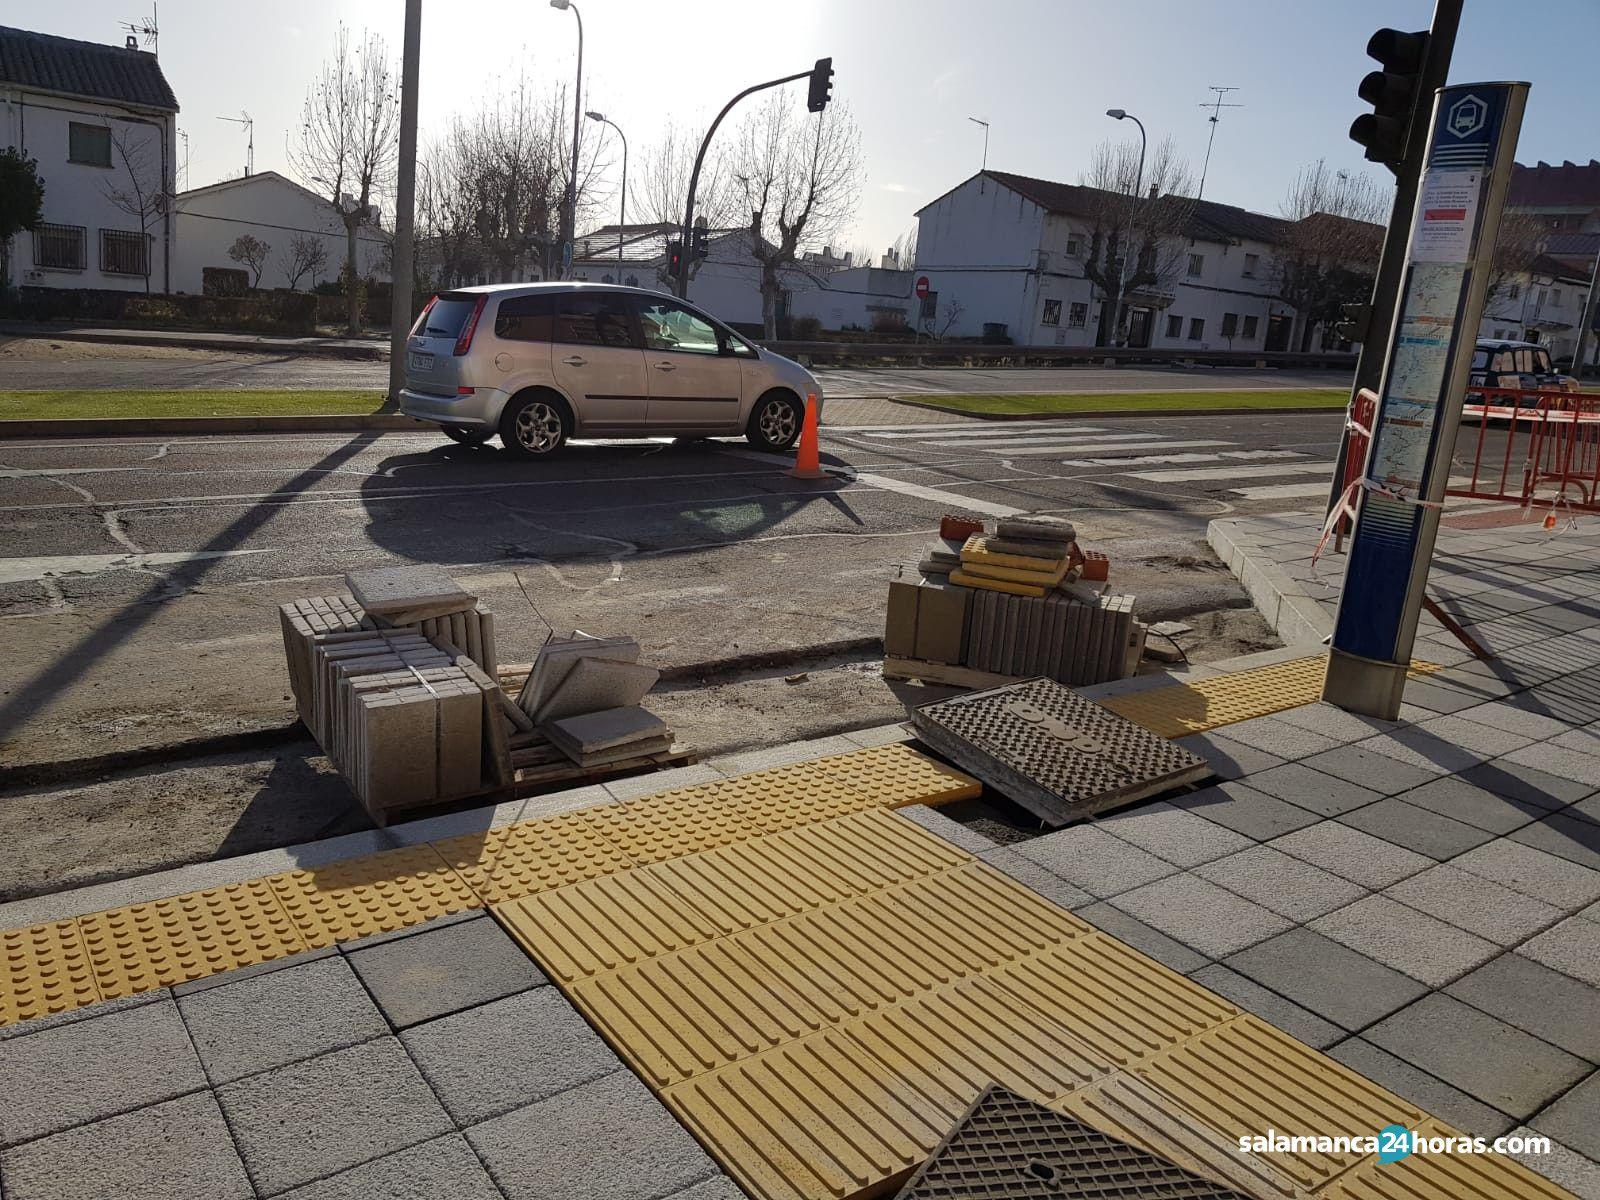 Cortes de tráfico acera obras sur carretera de béjar saavedra y fajardo (13)